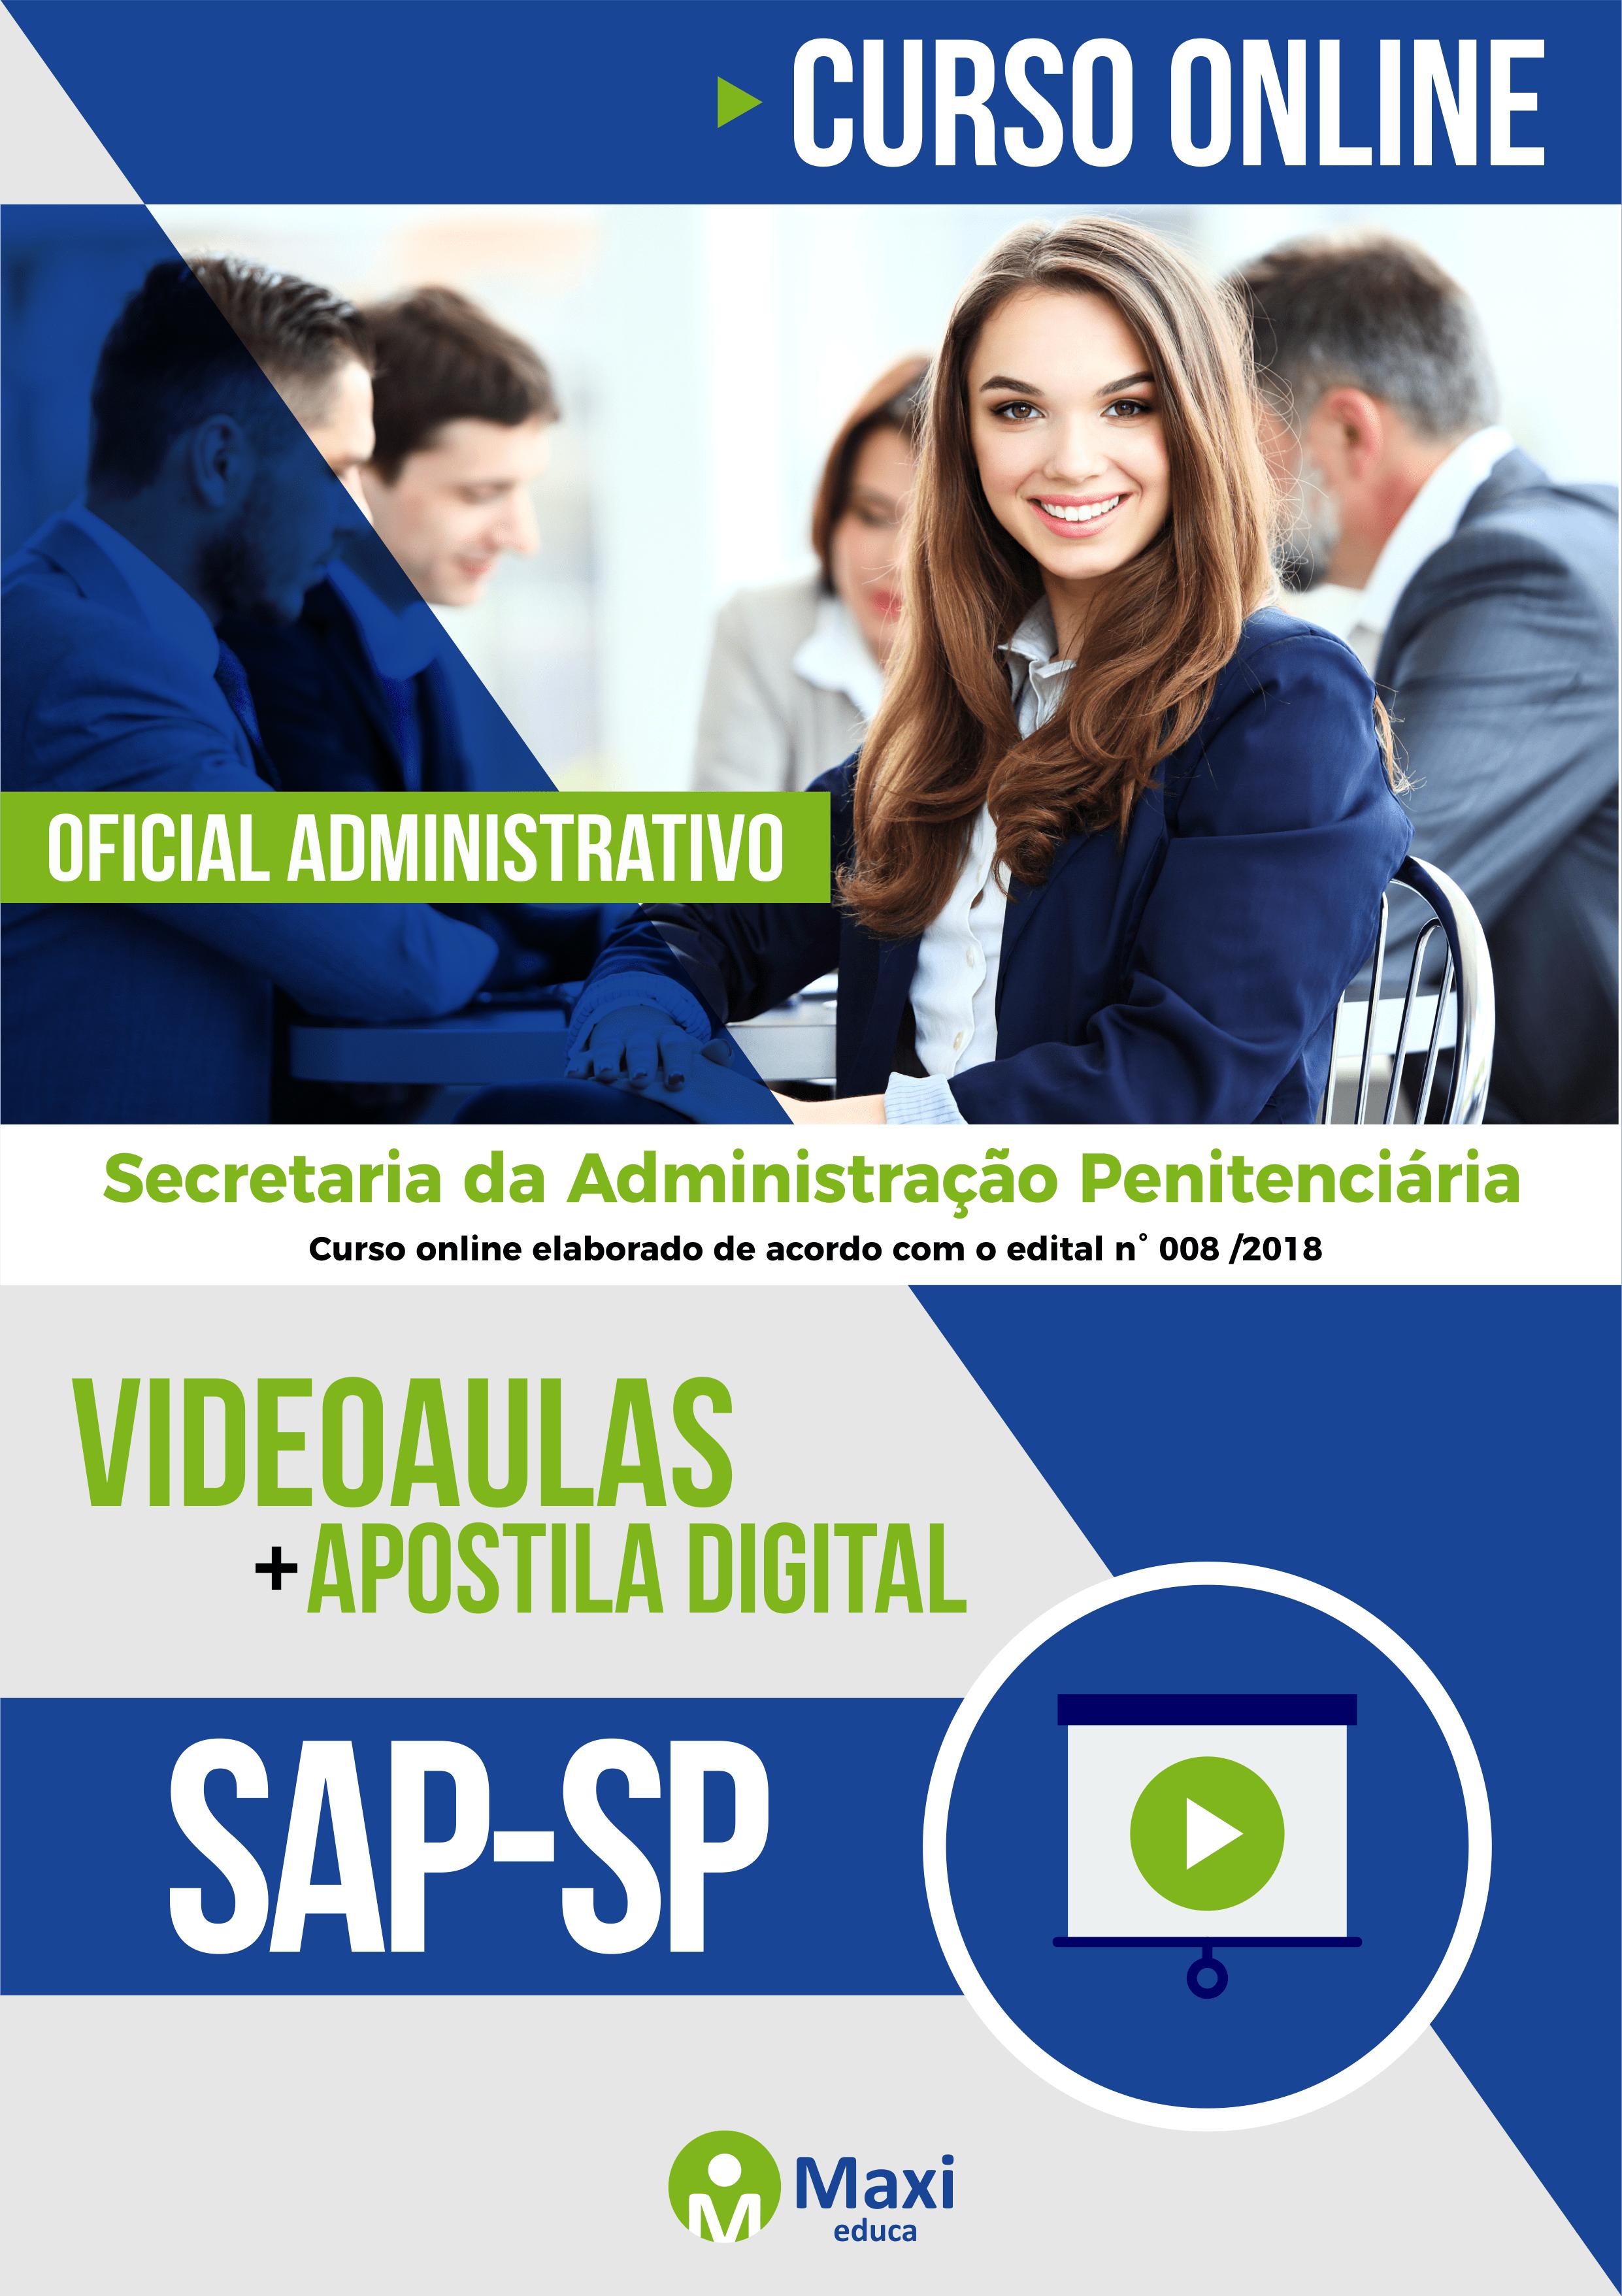 SAP-SP - Secretaria da Administração Penitenciária